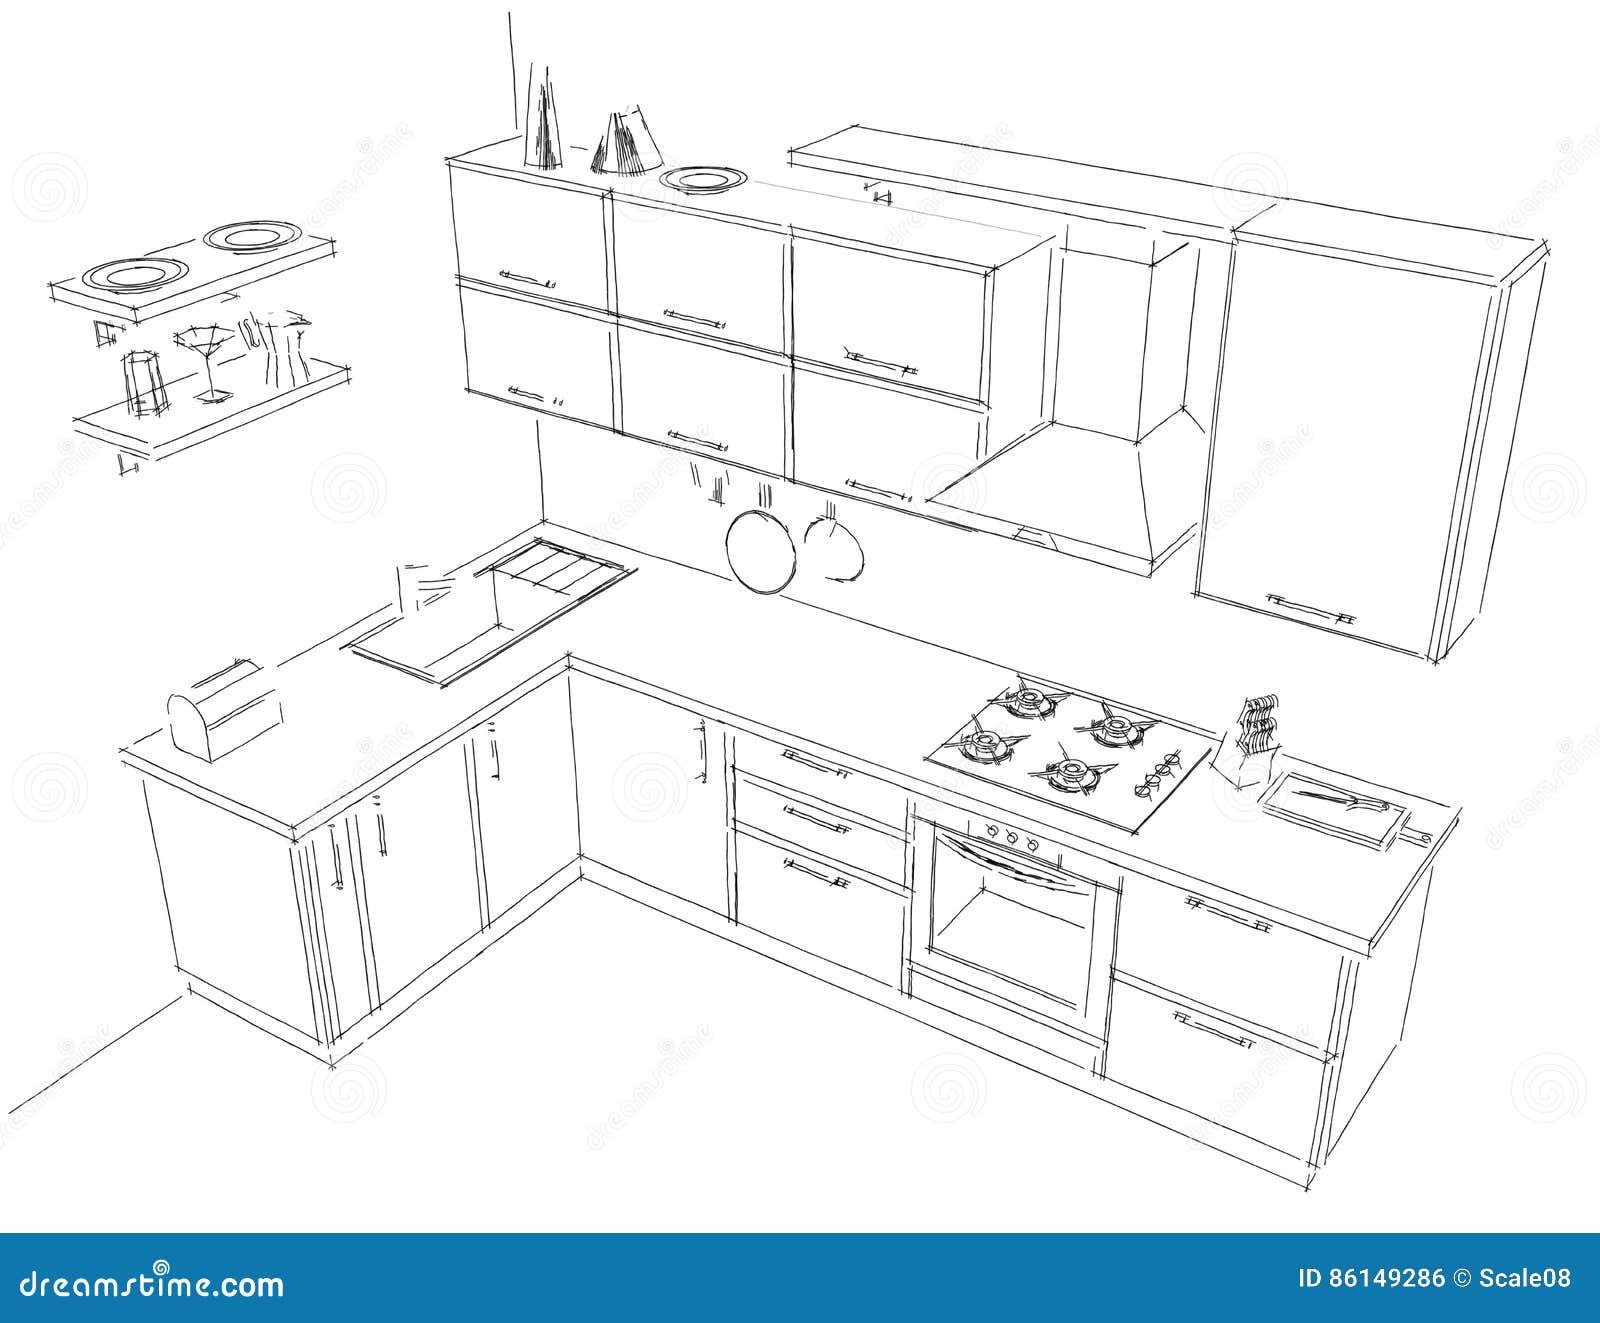 Dessiner cuisine 3d logiciel d conception cuisine with for Cuisine 3d dessin